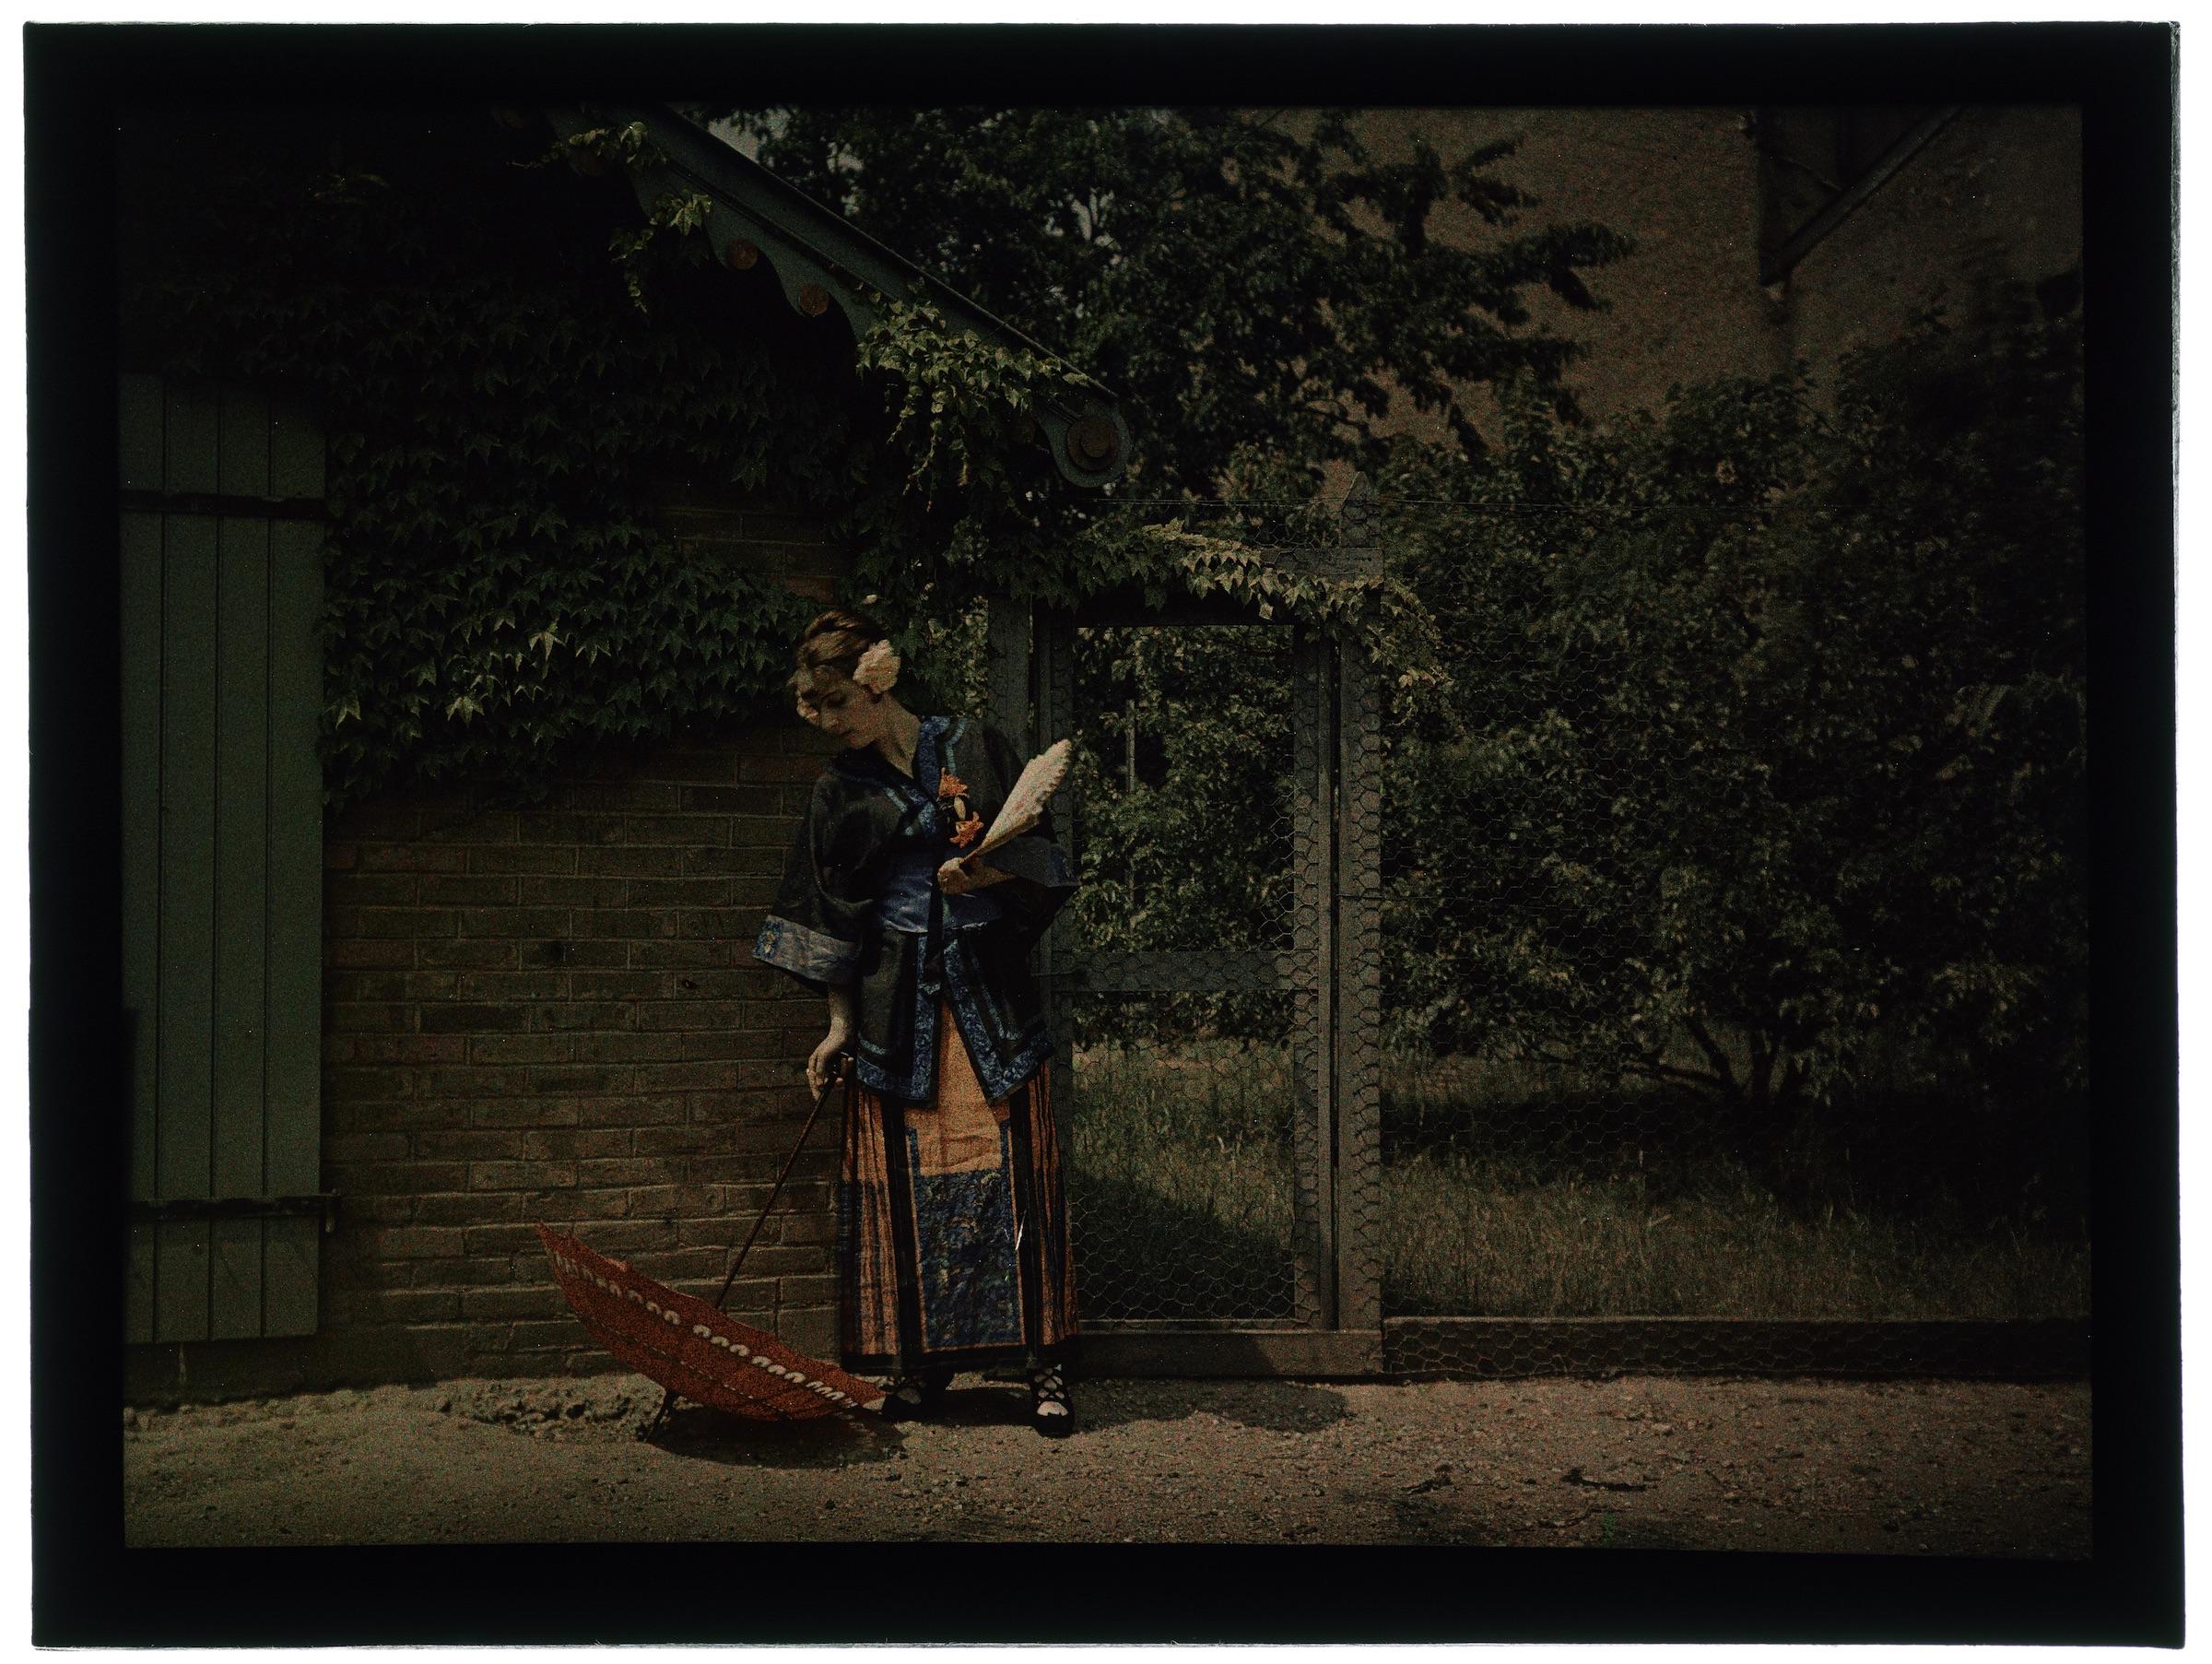 Femme en costume japonaise dans le jardin